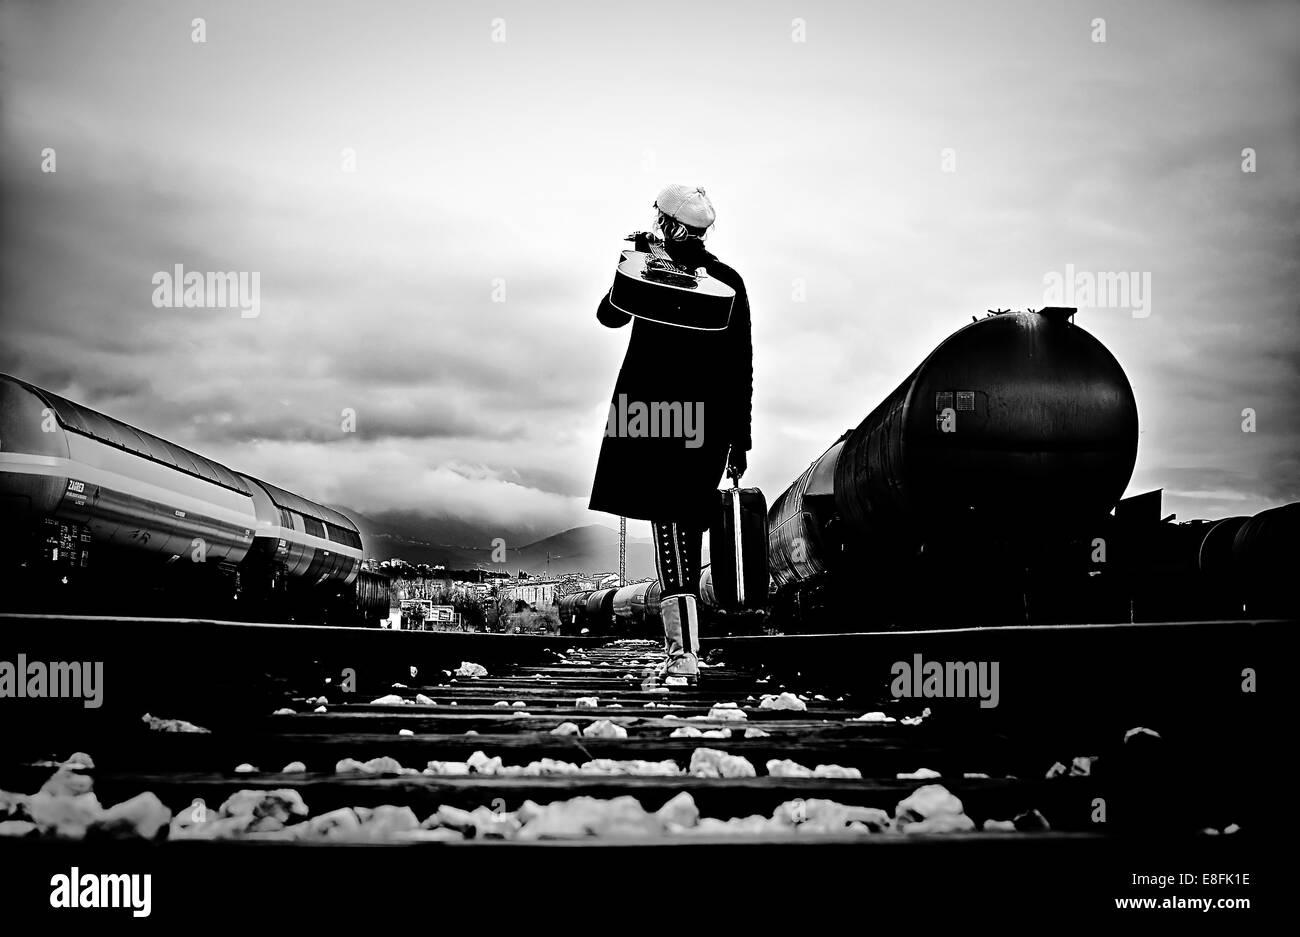 Woman walking along train tracks carrying a guitar, Croatia - Stock Image